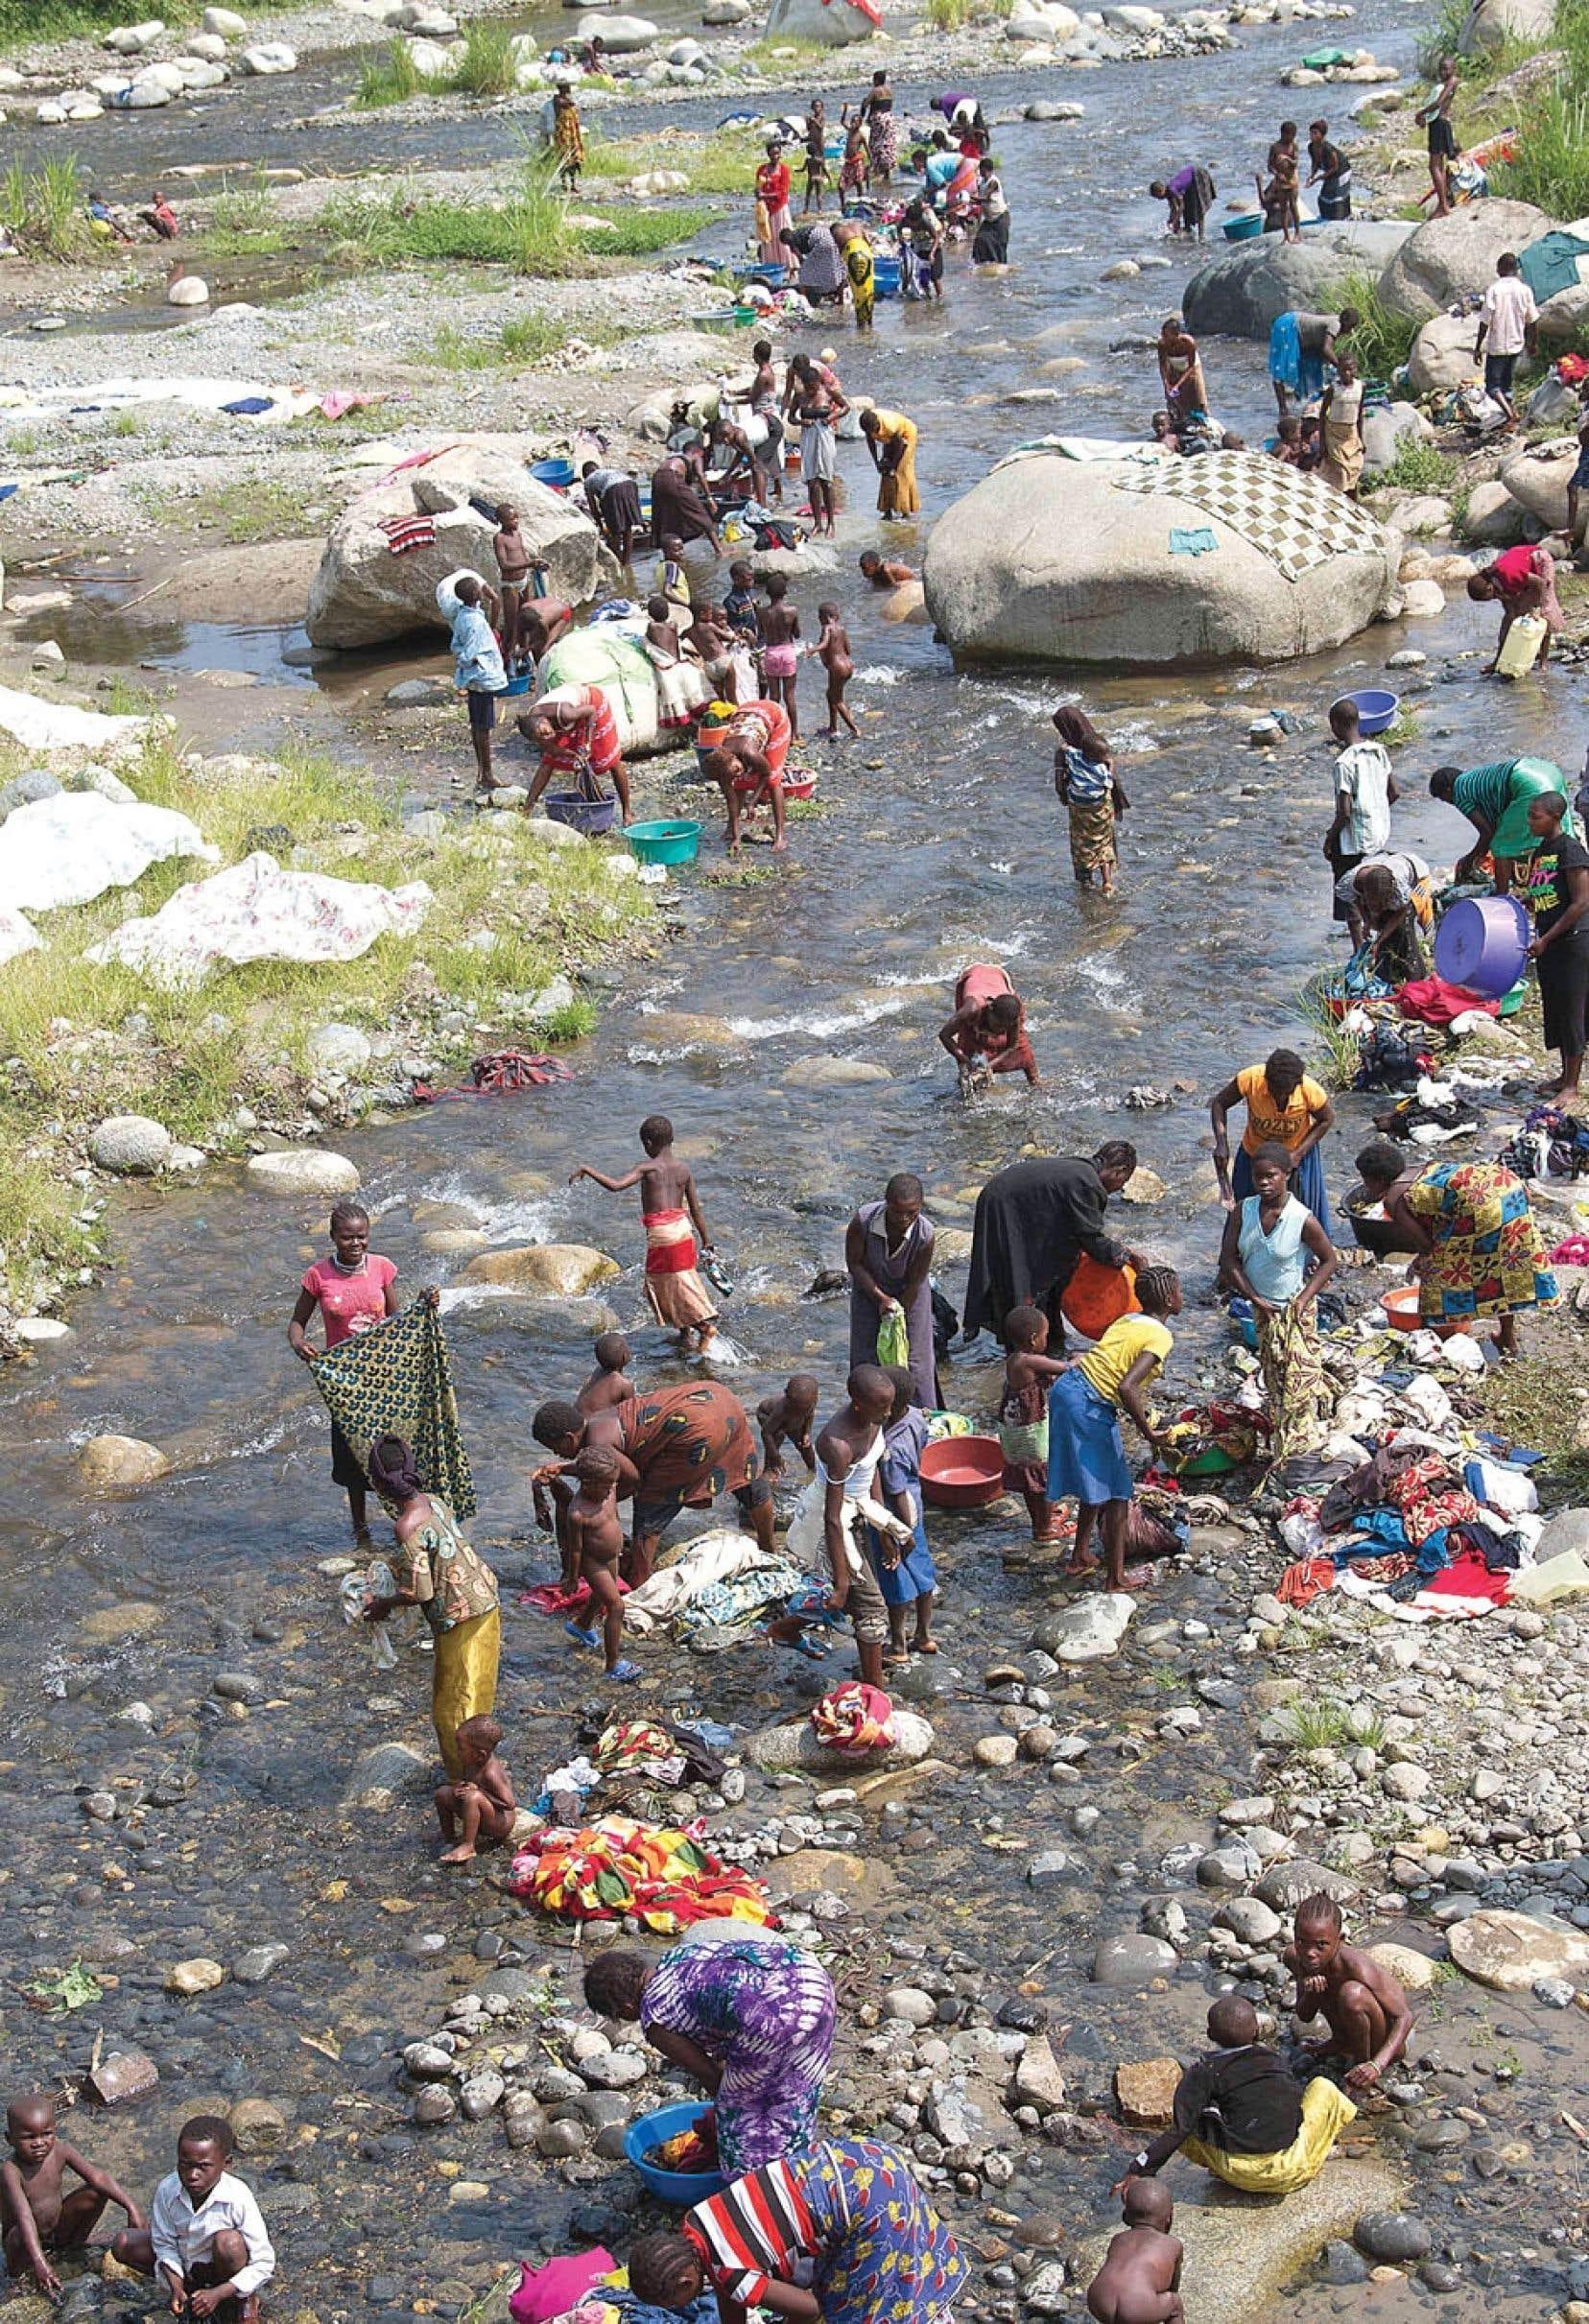 Des réfugiés de la République démocratique du Congo non loin de la rivière qui se trouve près du poste frontière Busunga.